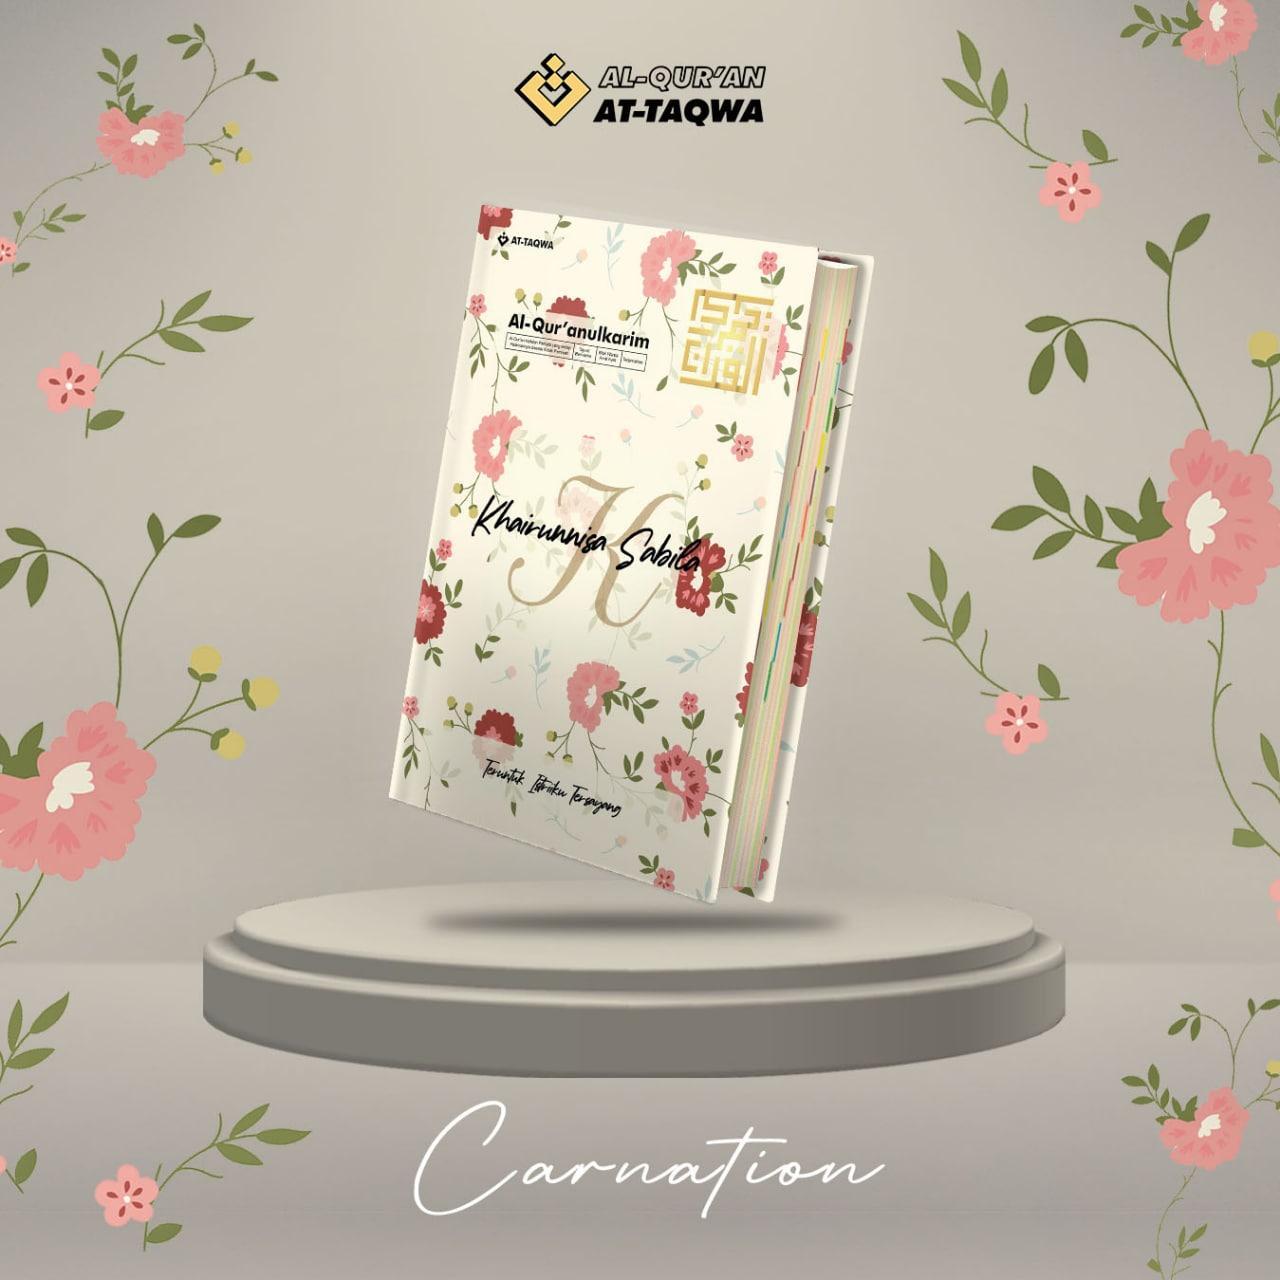 Al Quran Floral At Taqwa Carnation Krem